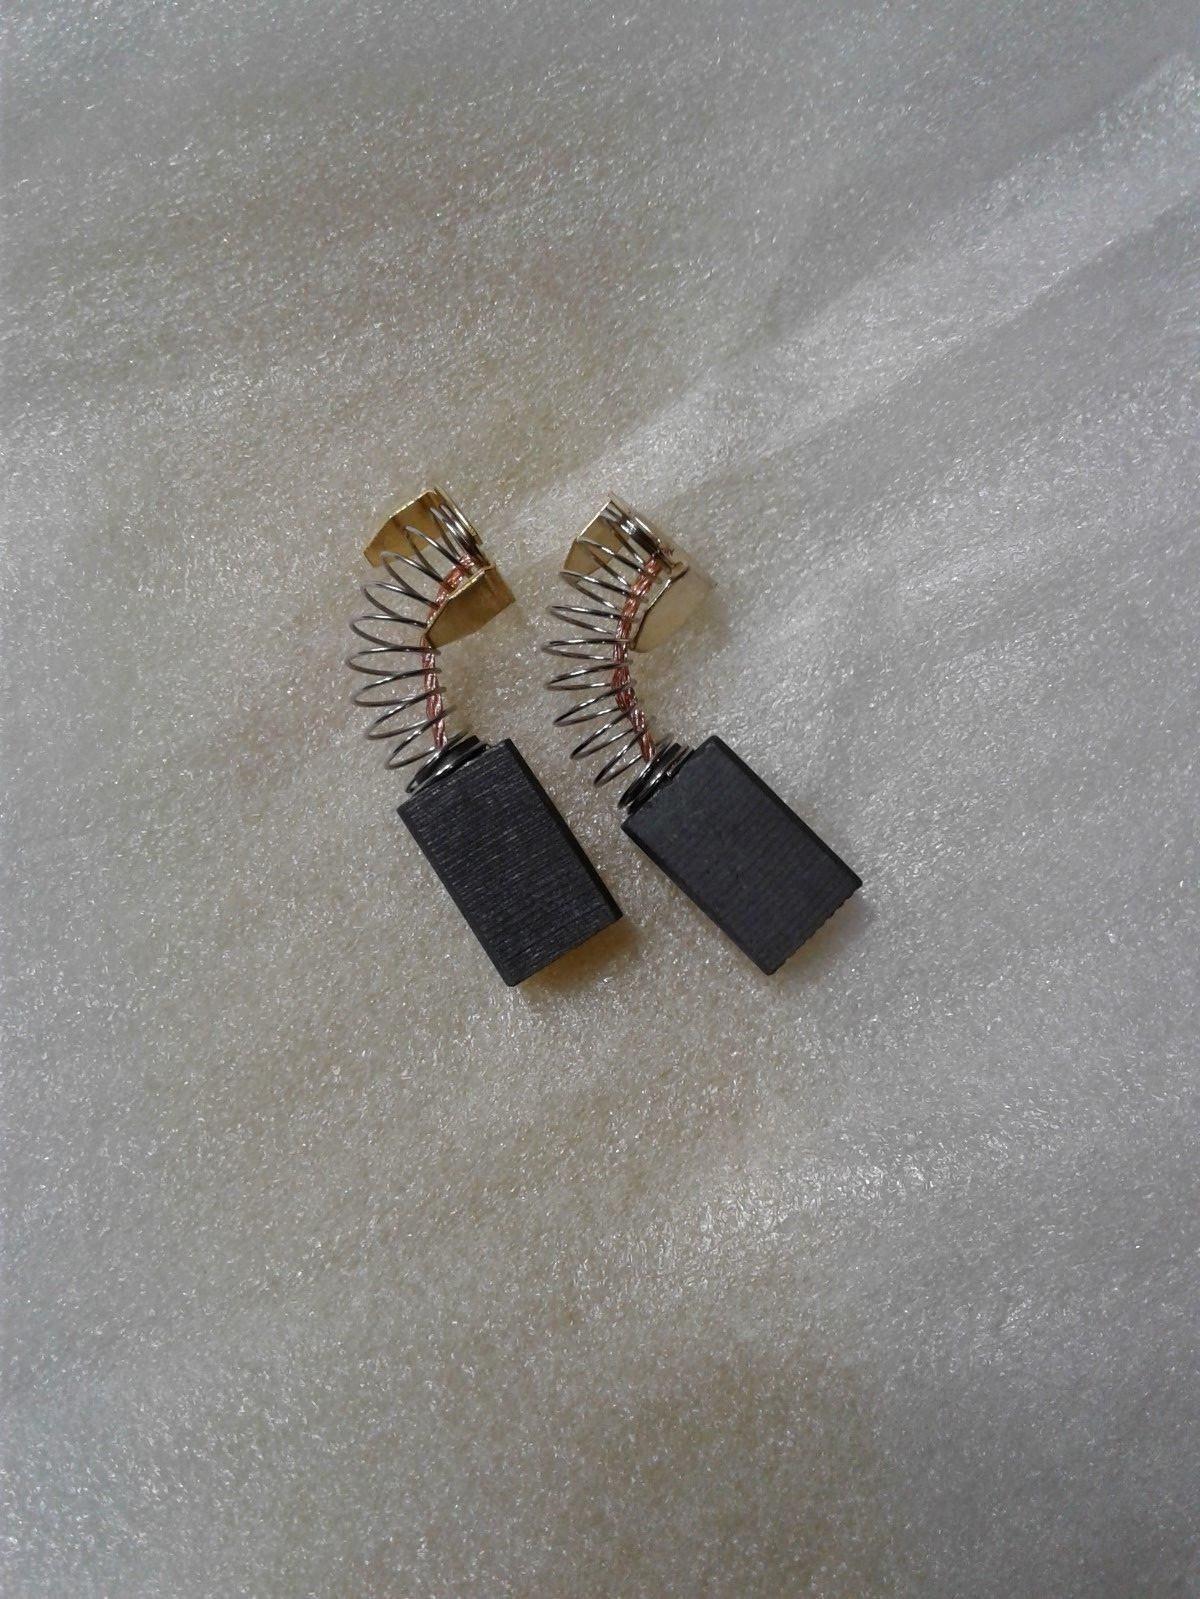 kobalt tile saw motor brush kws s7 06